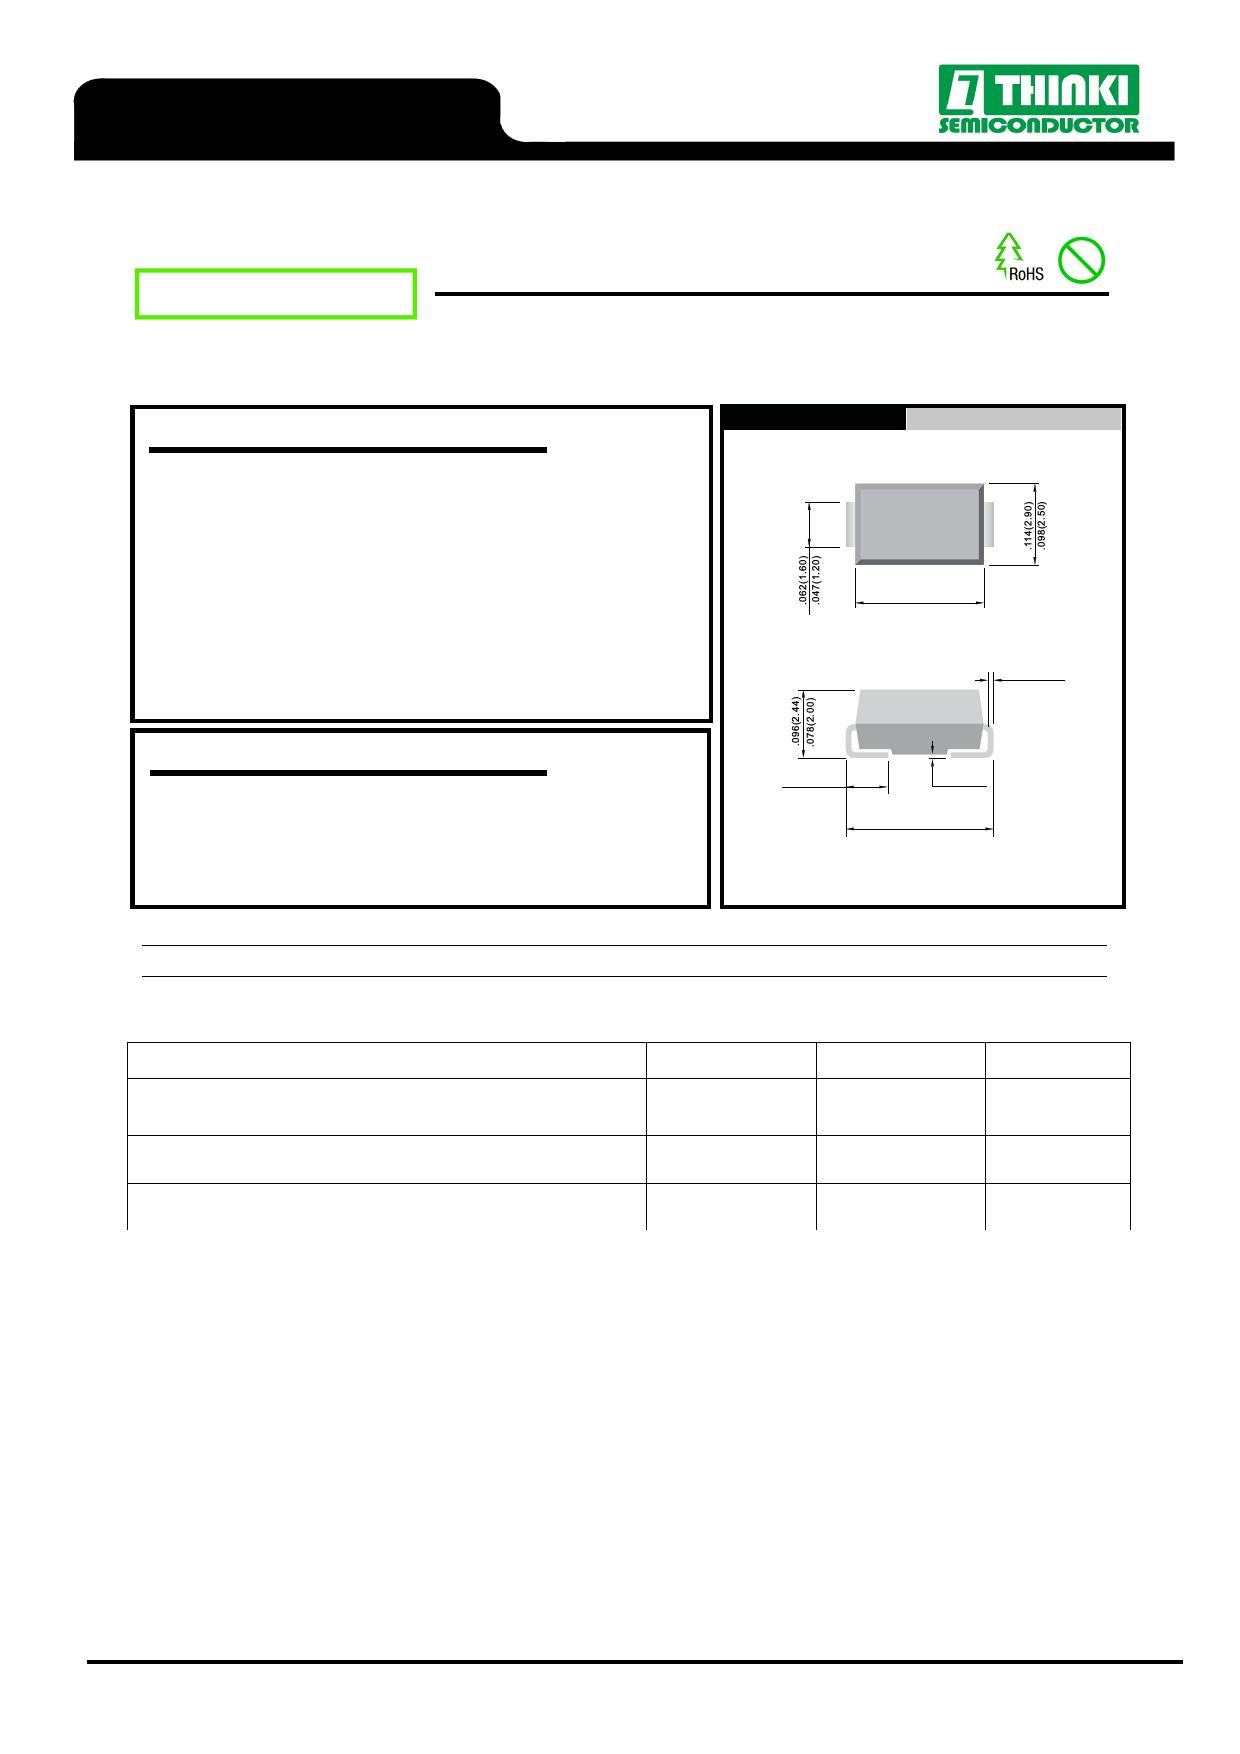 1SMA4743 datasheet